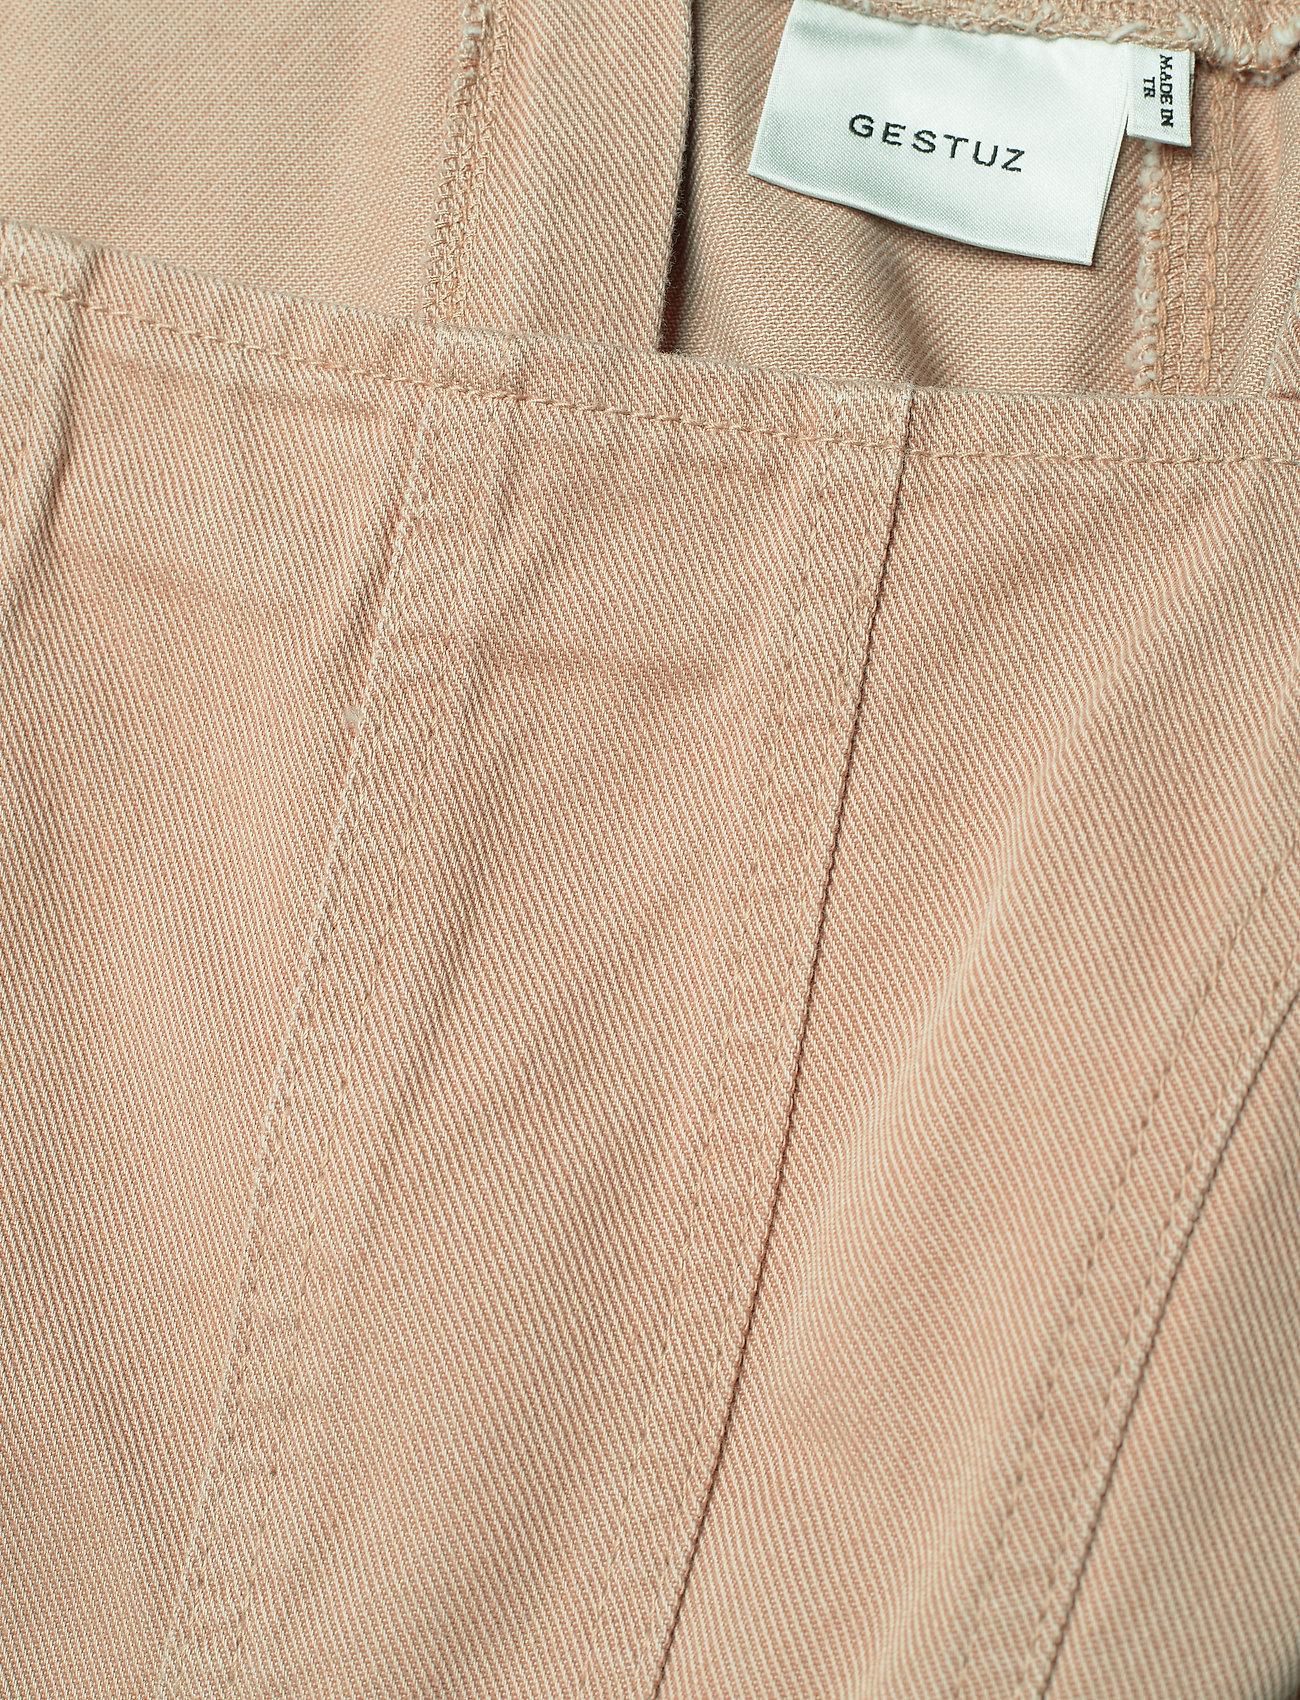 Gestuz - BellioGZ jumpsuit - tøj - pure cashmere - 4